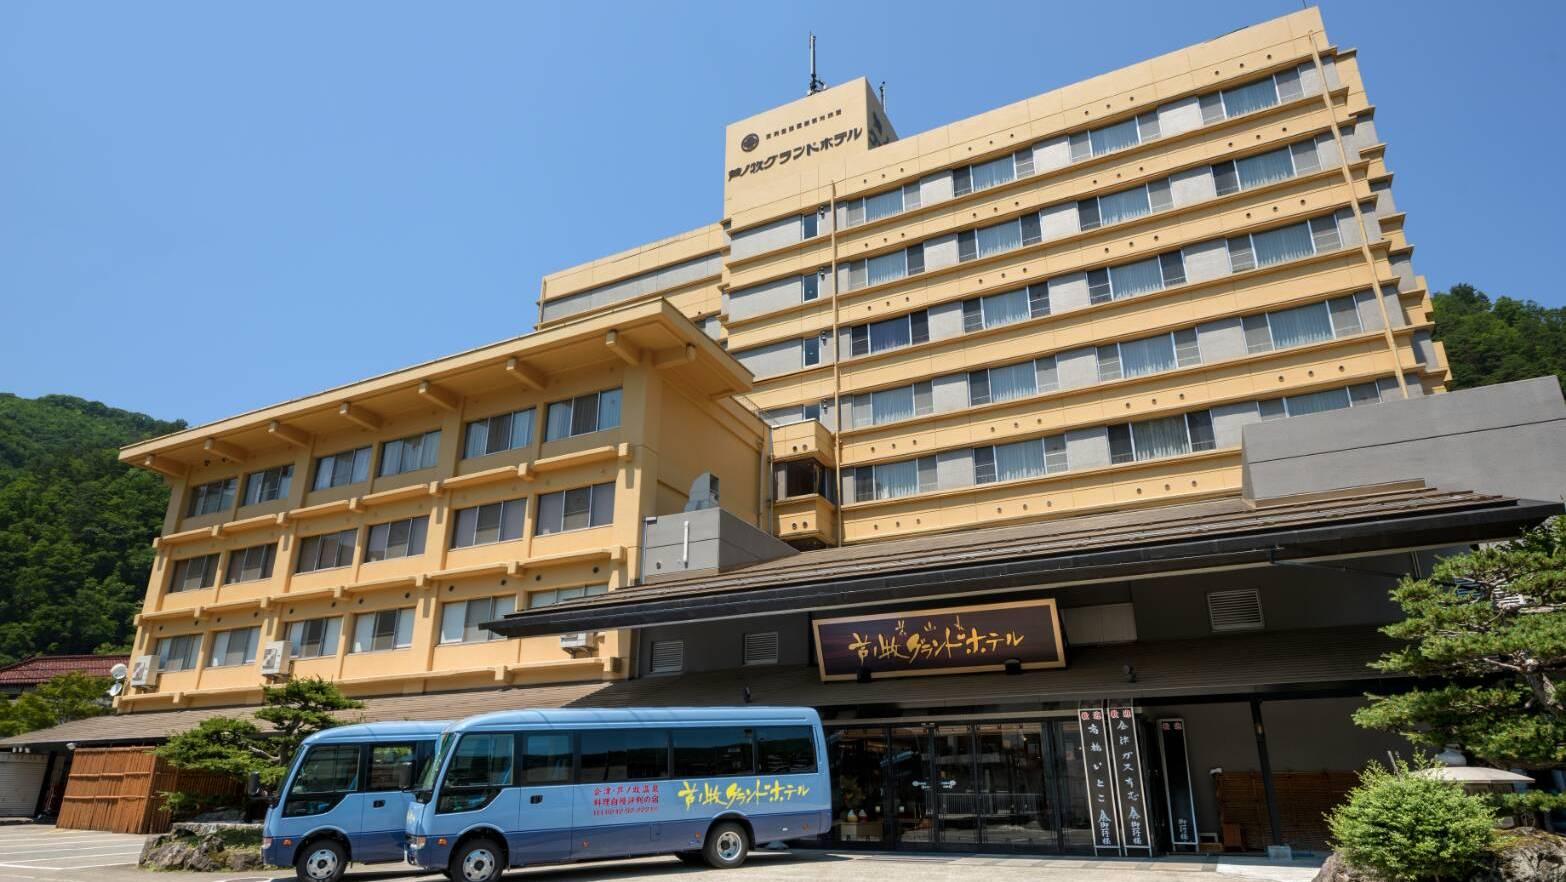 会津芦ノ牧温泉 芦ノ牧グランドホテル...